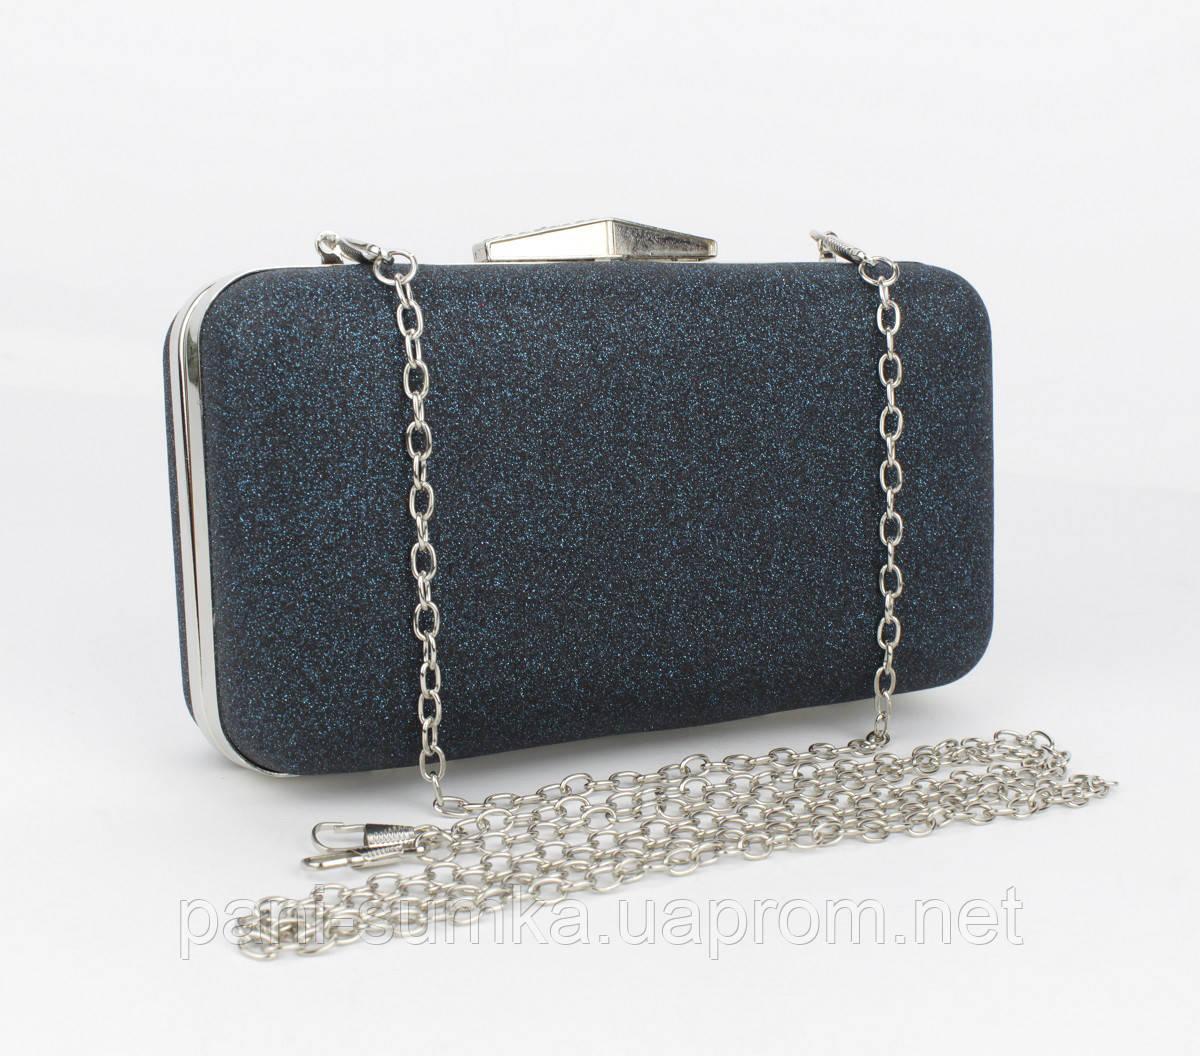 62988eb9a89c Вечерний клатч Rose Heart 09829 черный с блестками, сумочка на цепочке ,  фото 1